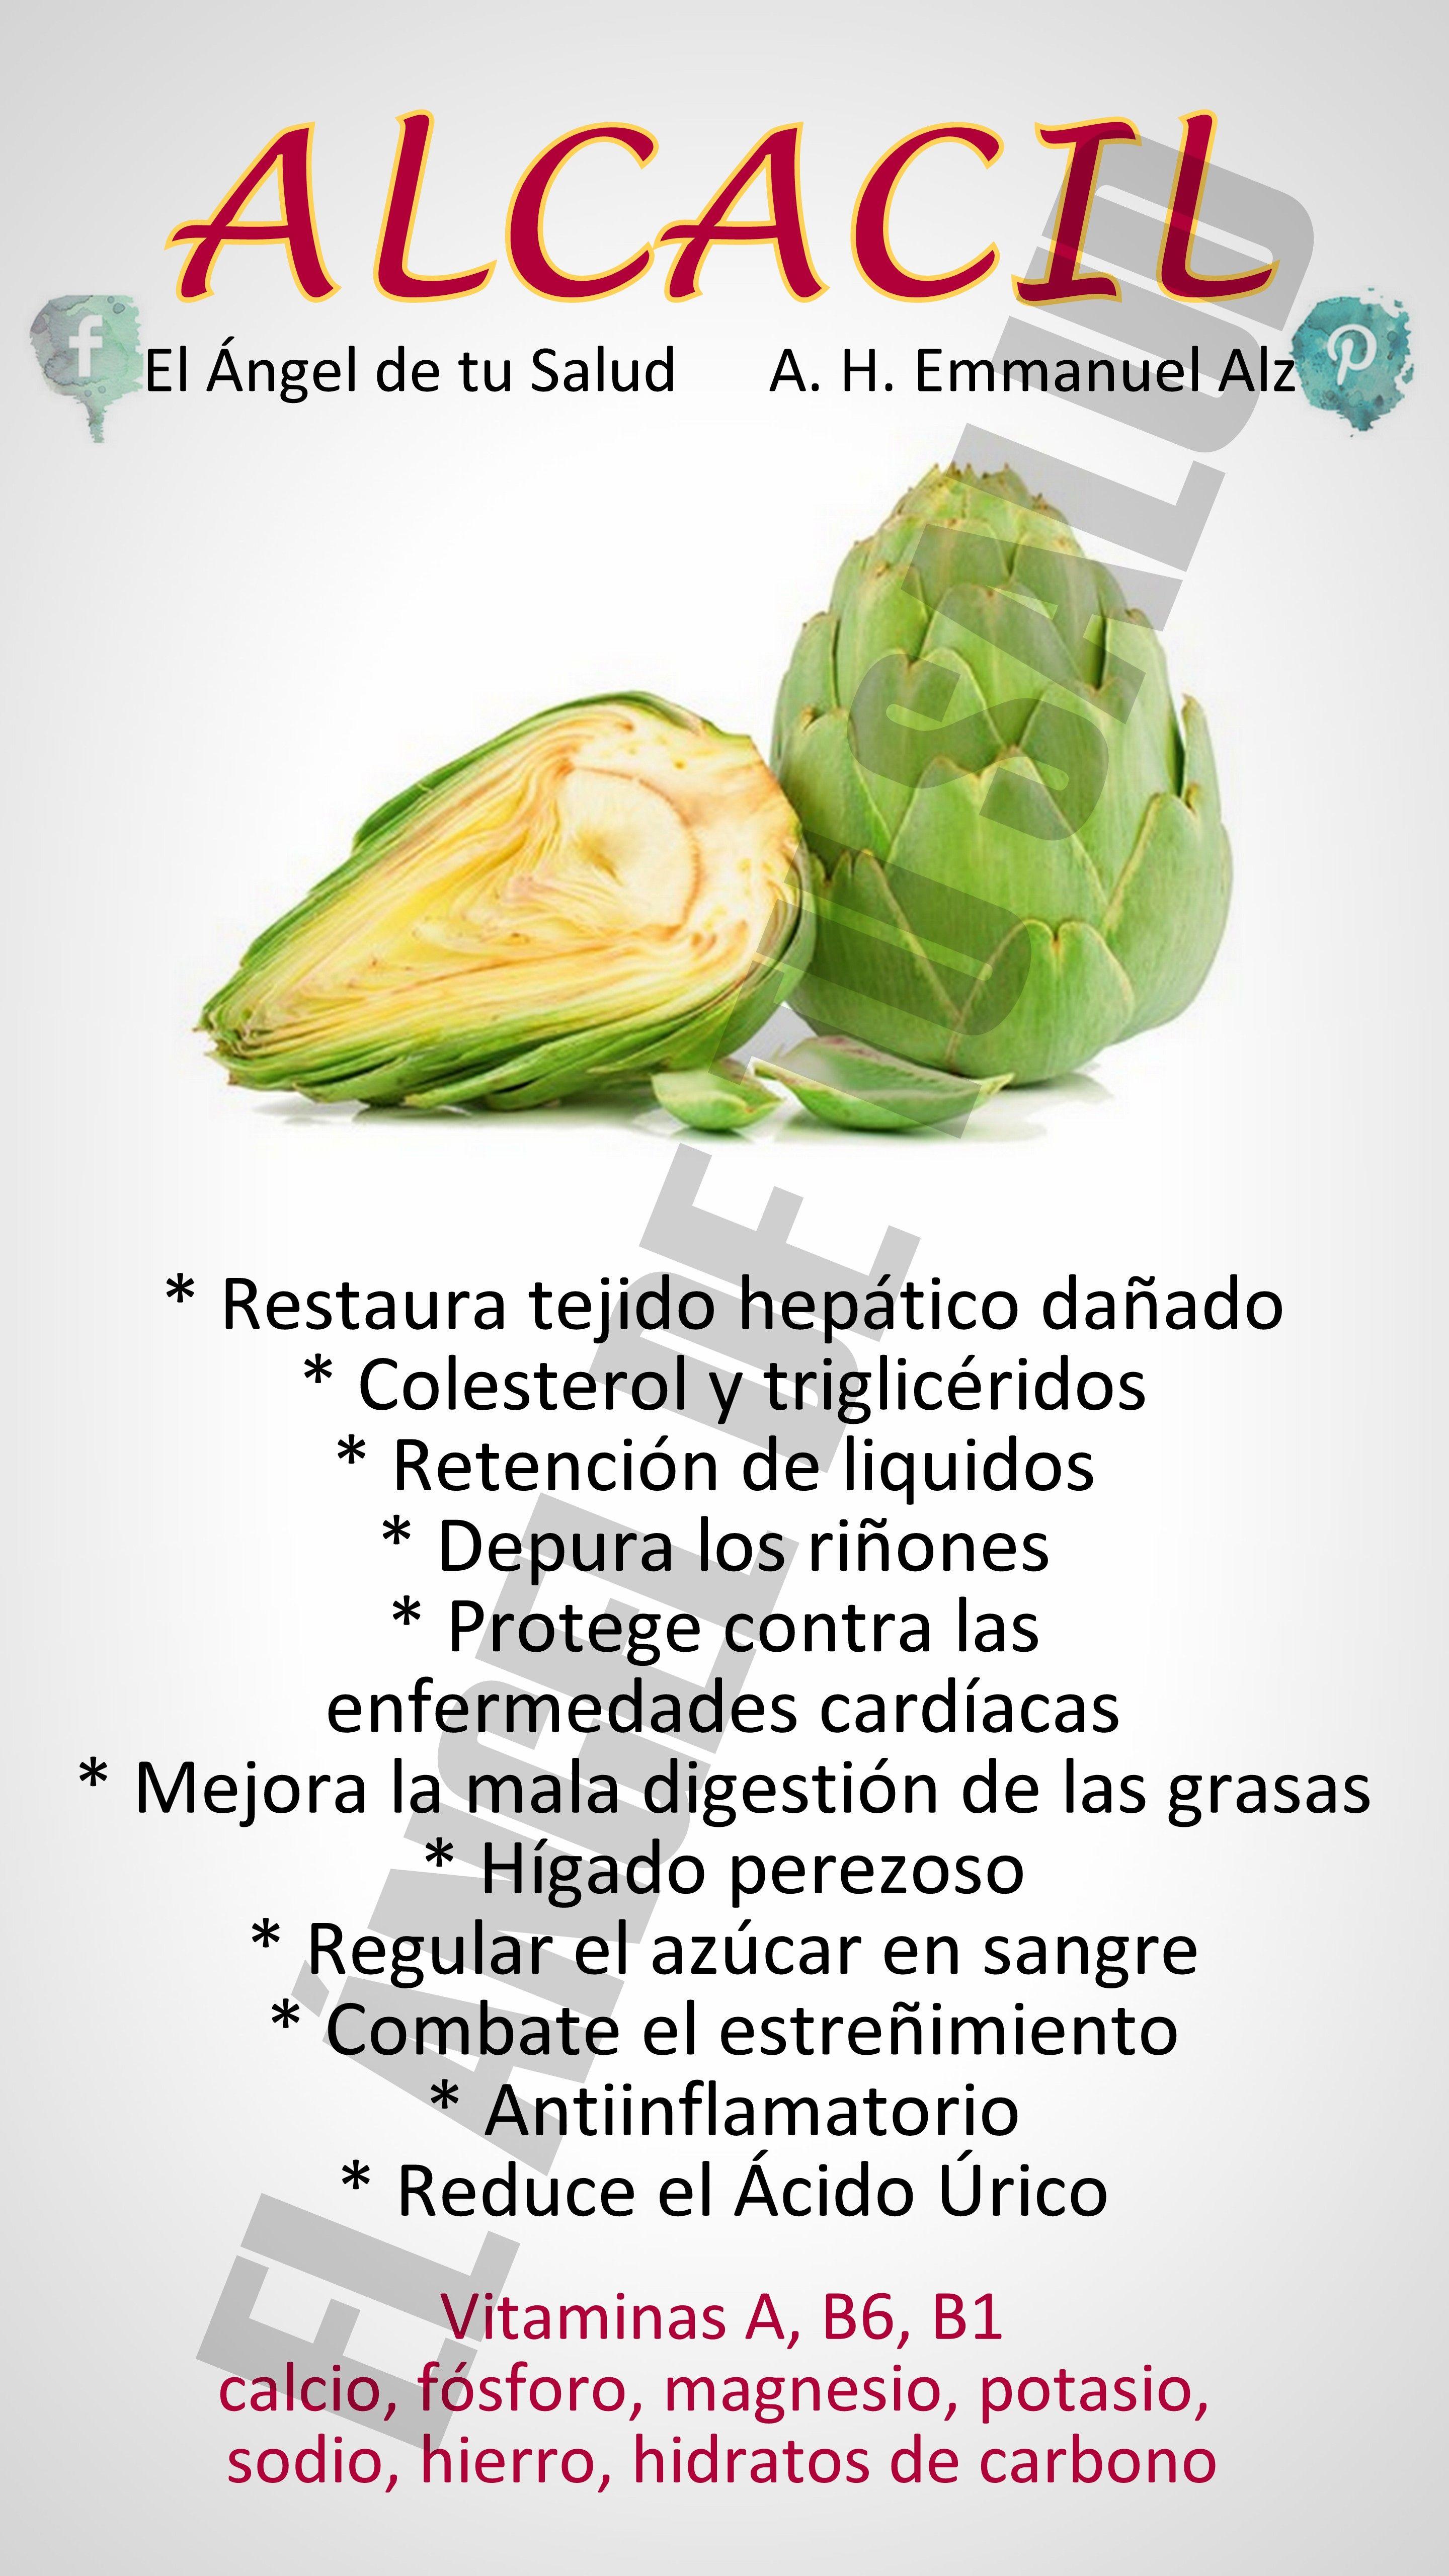 jugo de alcachofa beneficios